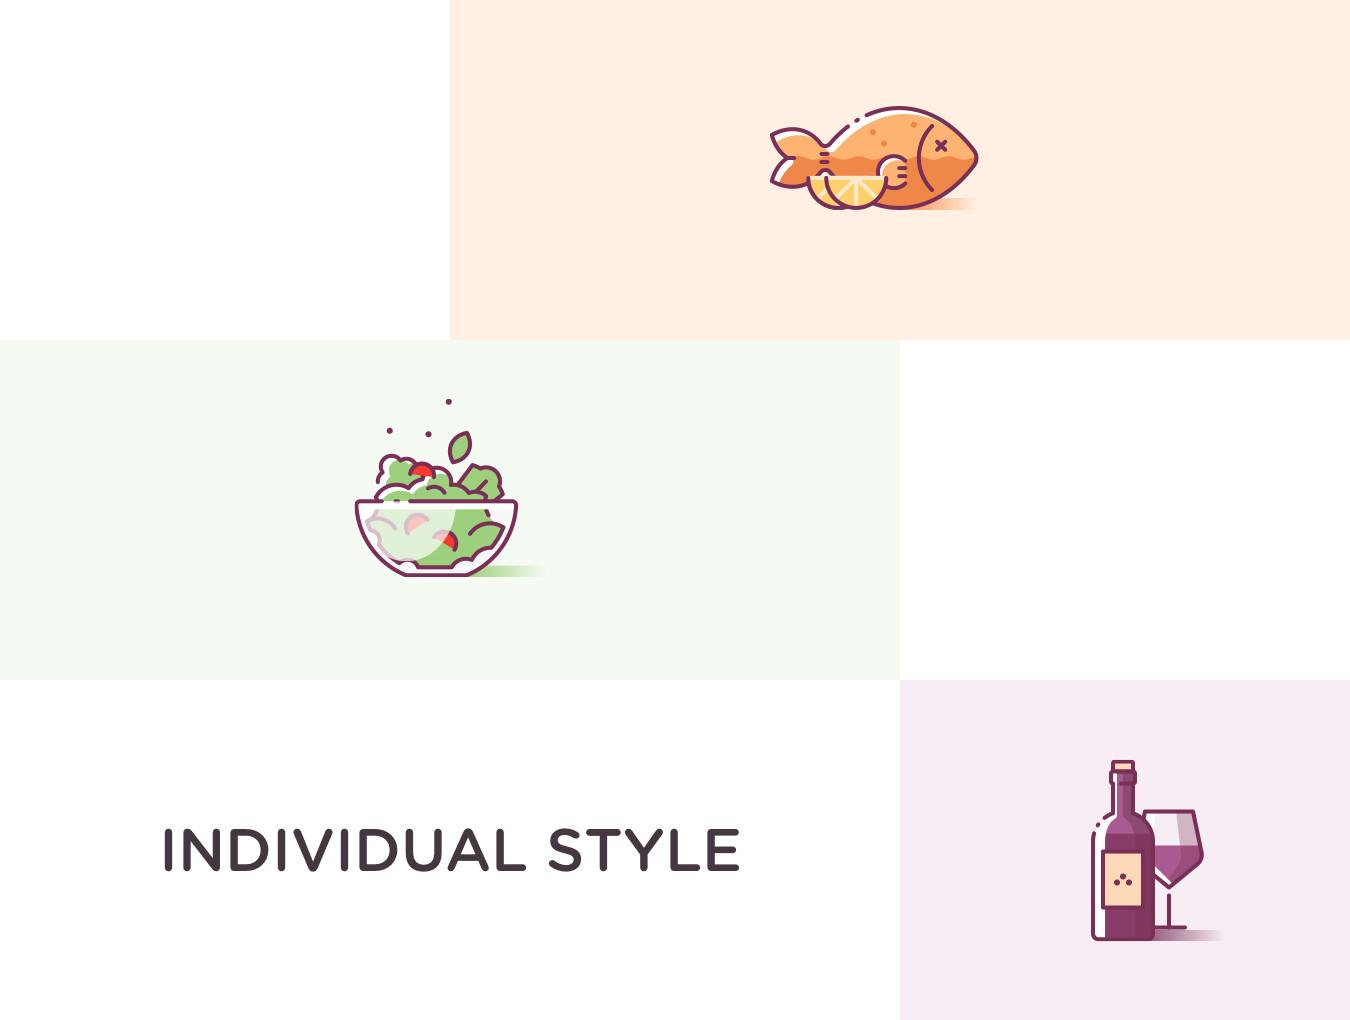 24个超级美味和多彩的美食食物图标.多种格式 VIP图标-第8张